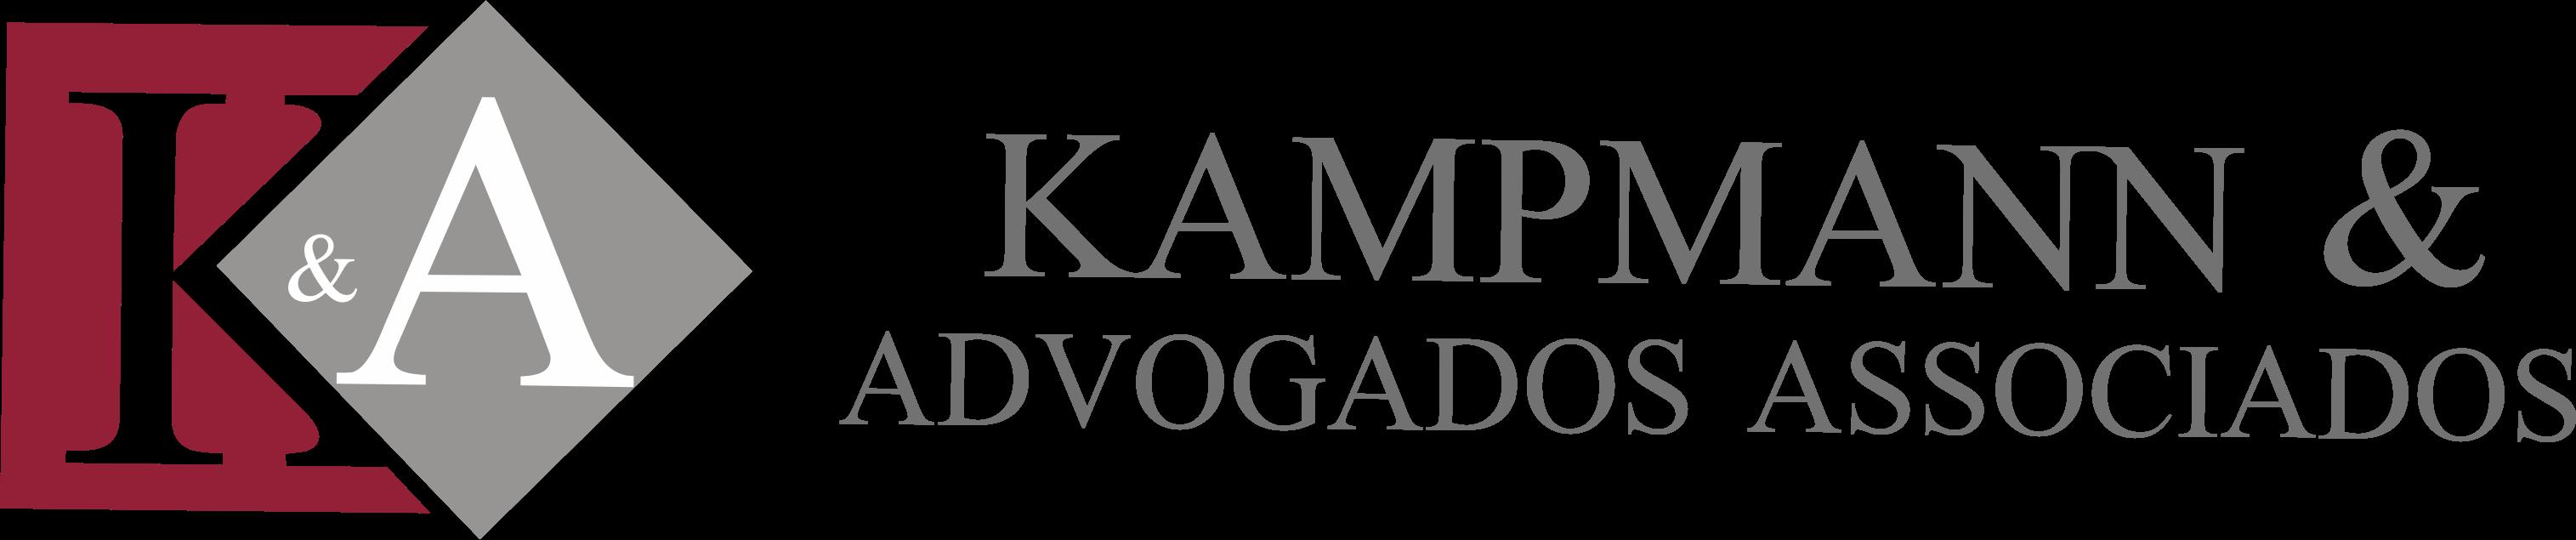 Logotipo de Kampmann & Advogados Associados